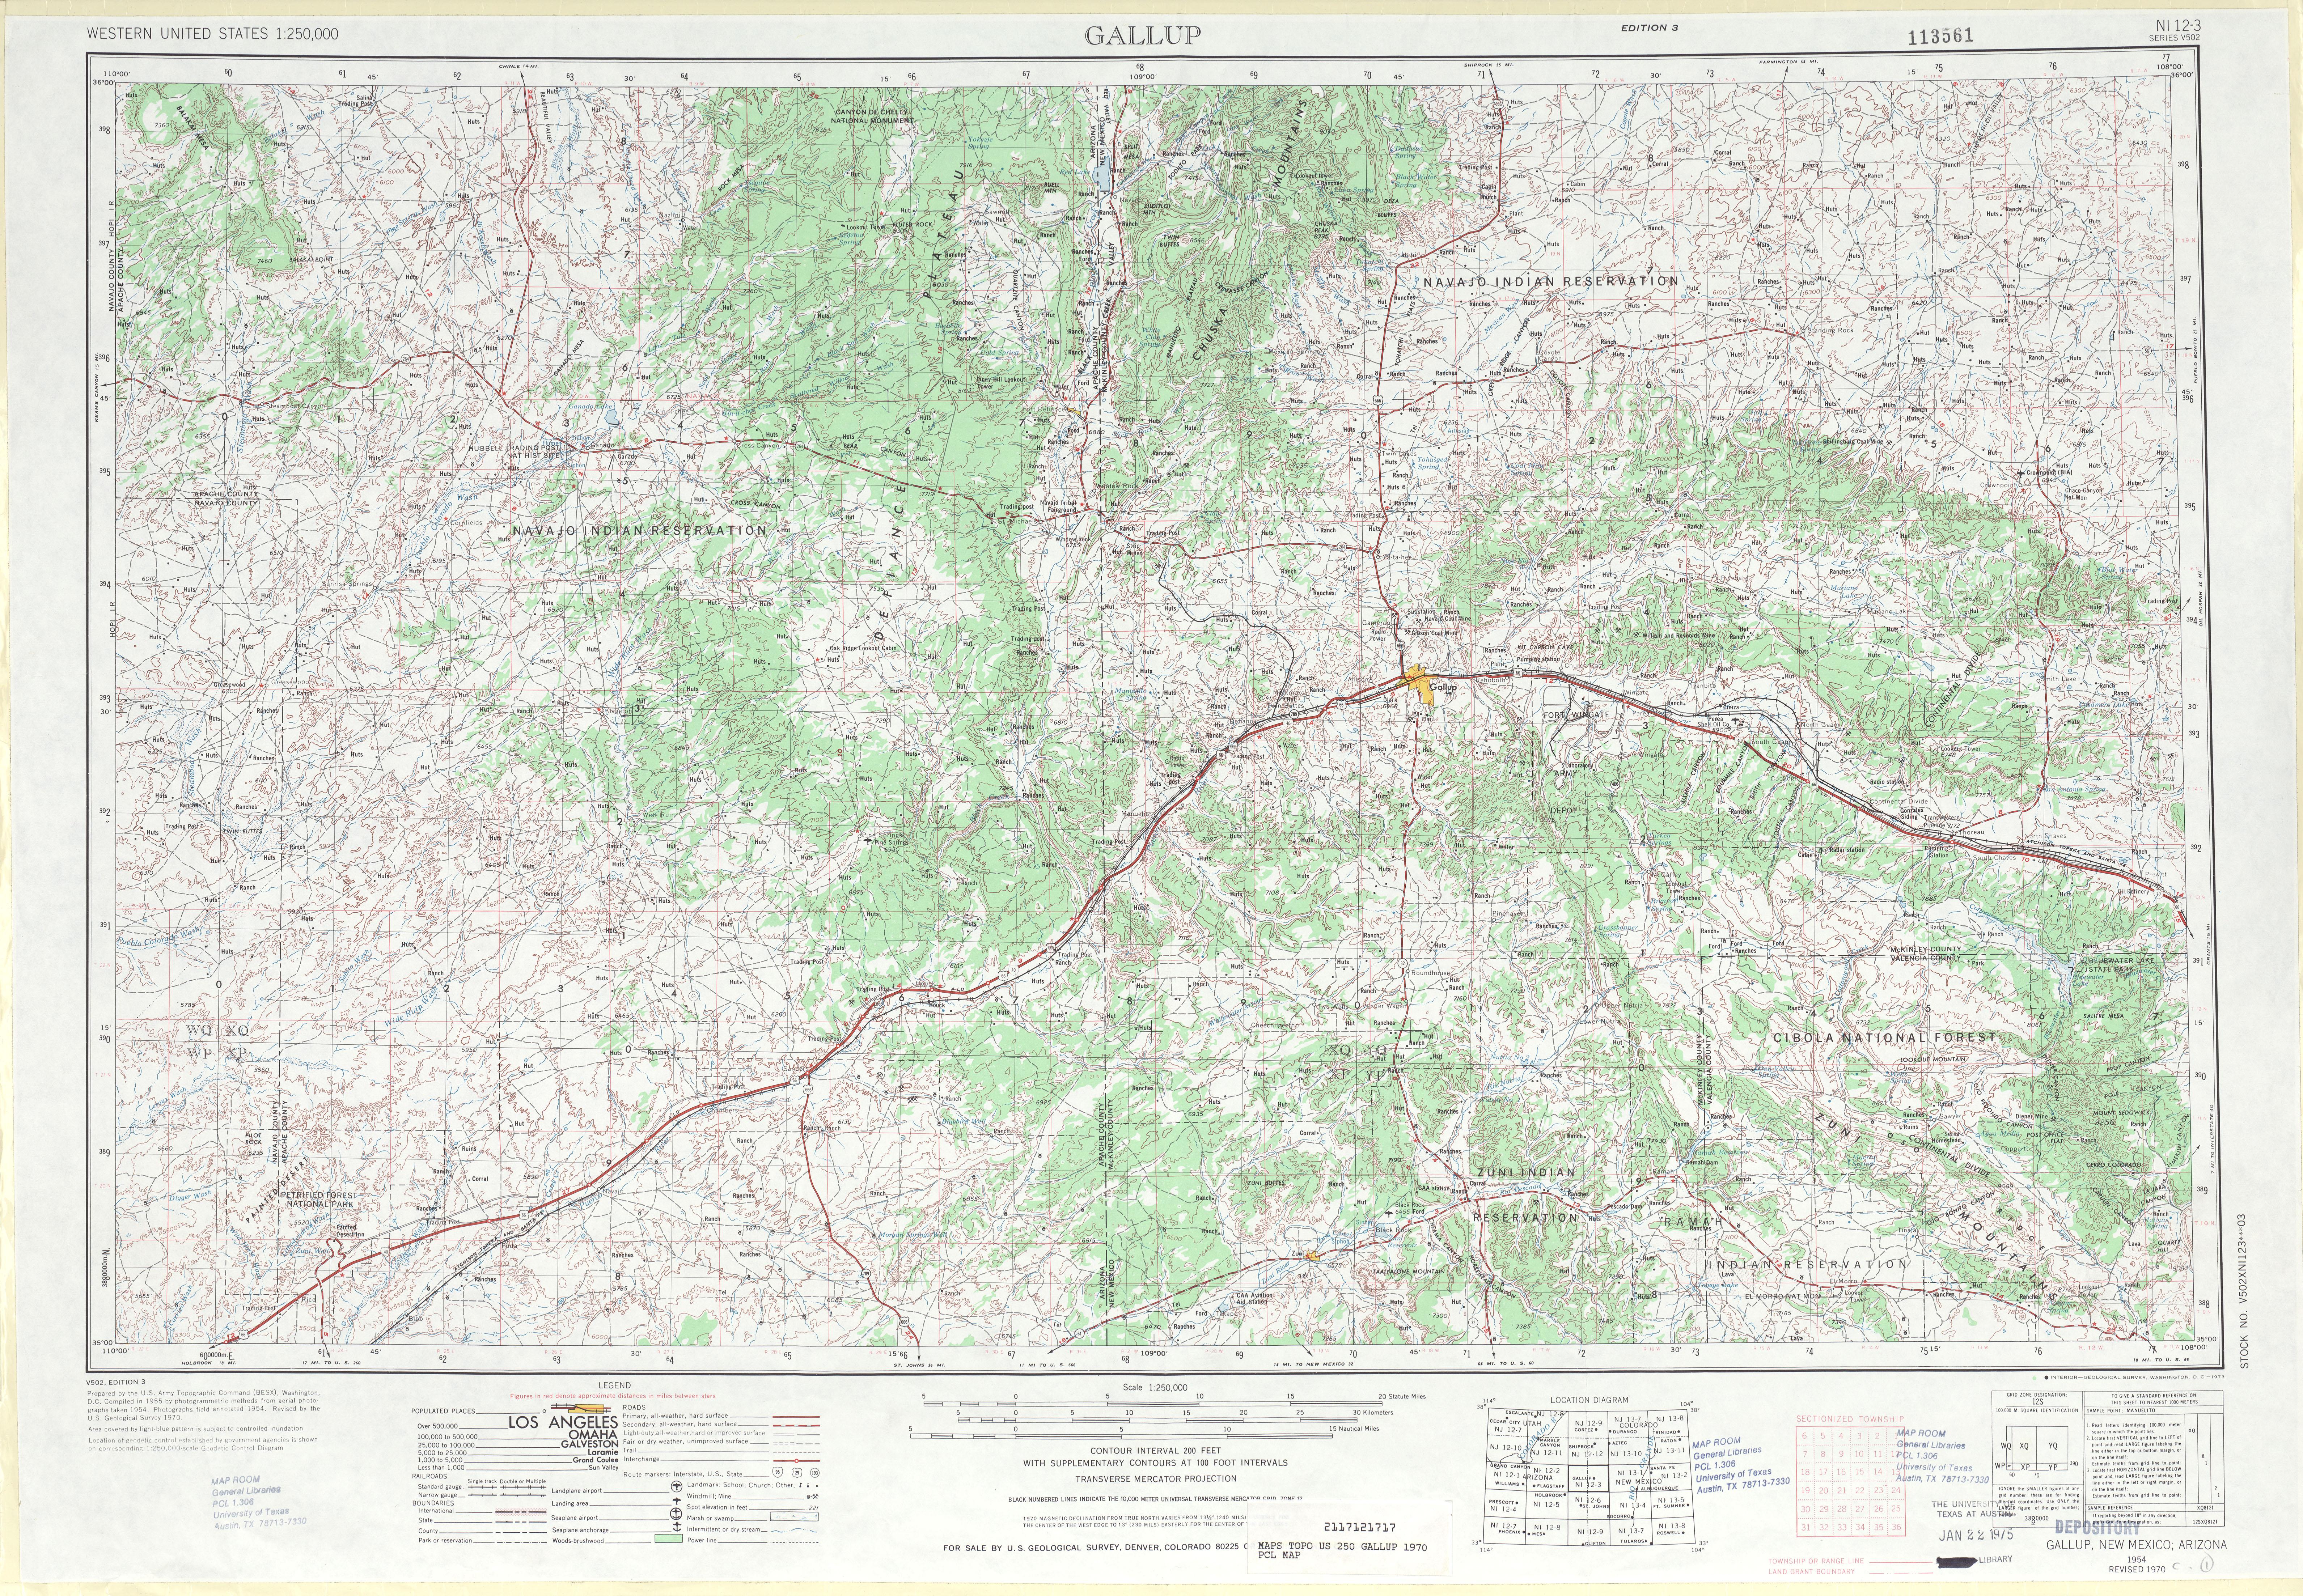 Hoja Gallup del Mapa Topográfico de los Estados Unidos 1970